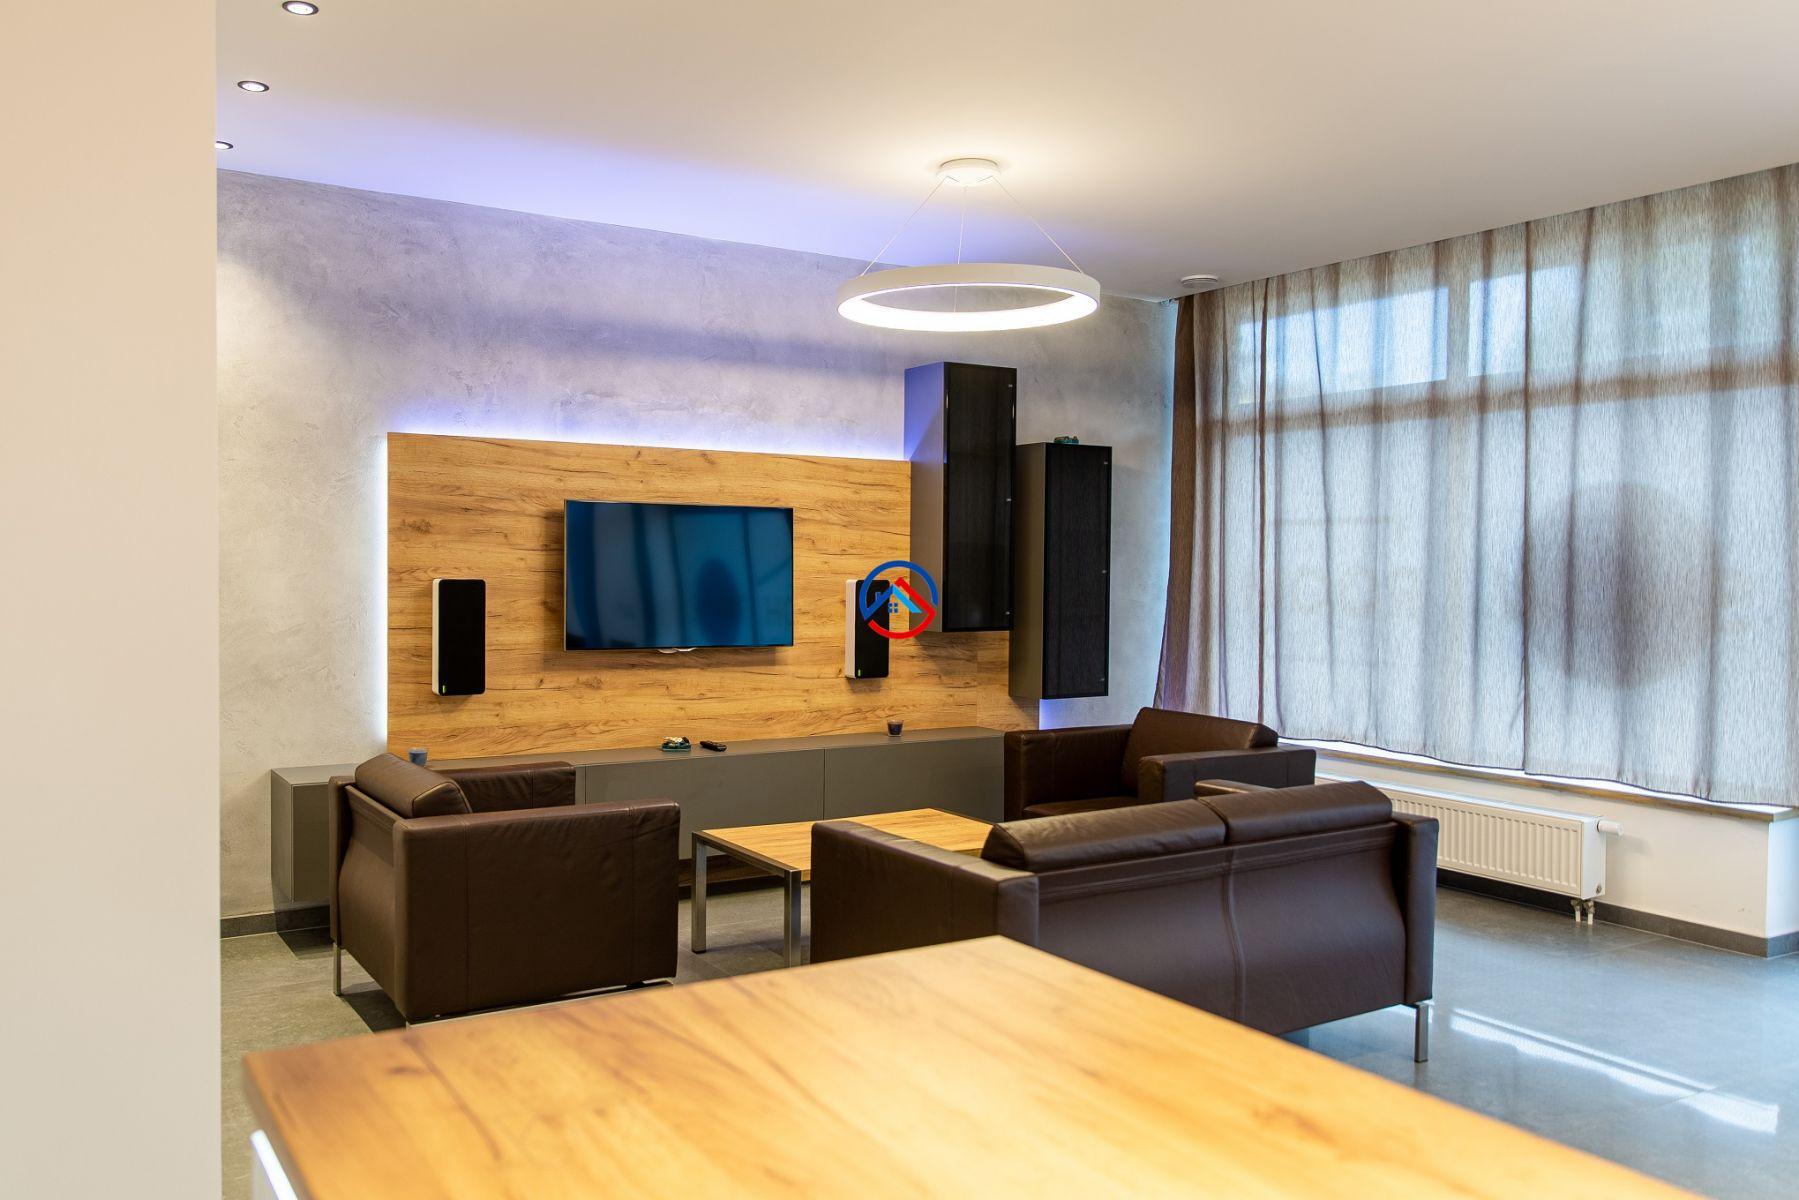 Prodej atypického zařízeného nebytového prostoru 5+kk, 114m2, park.stání, ul. Rokycanova Olomouc